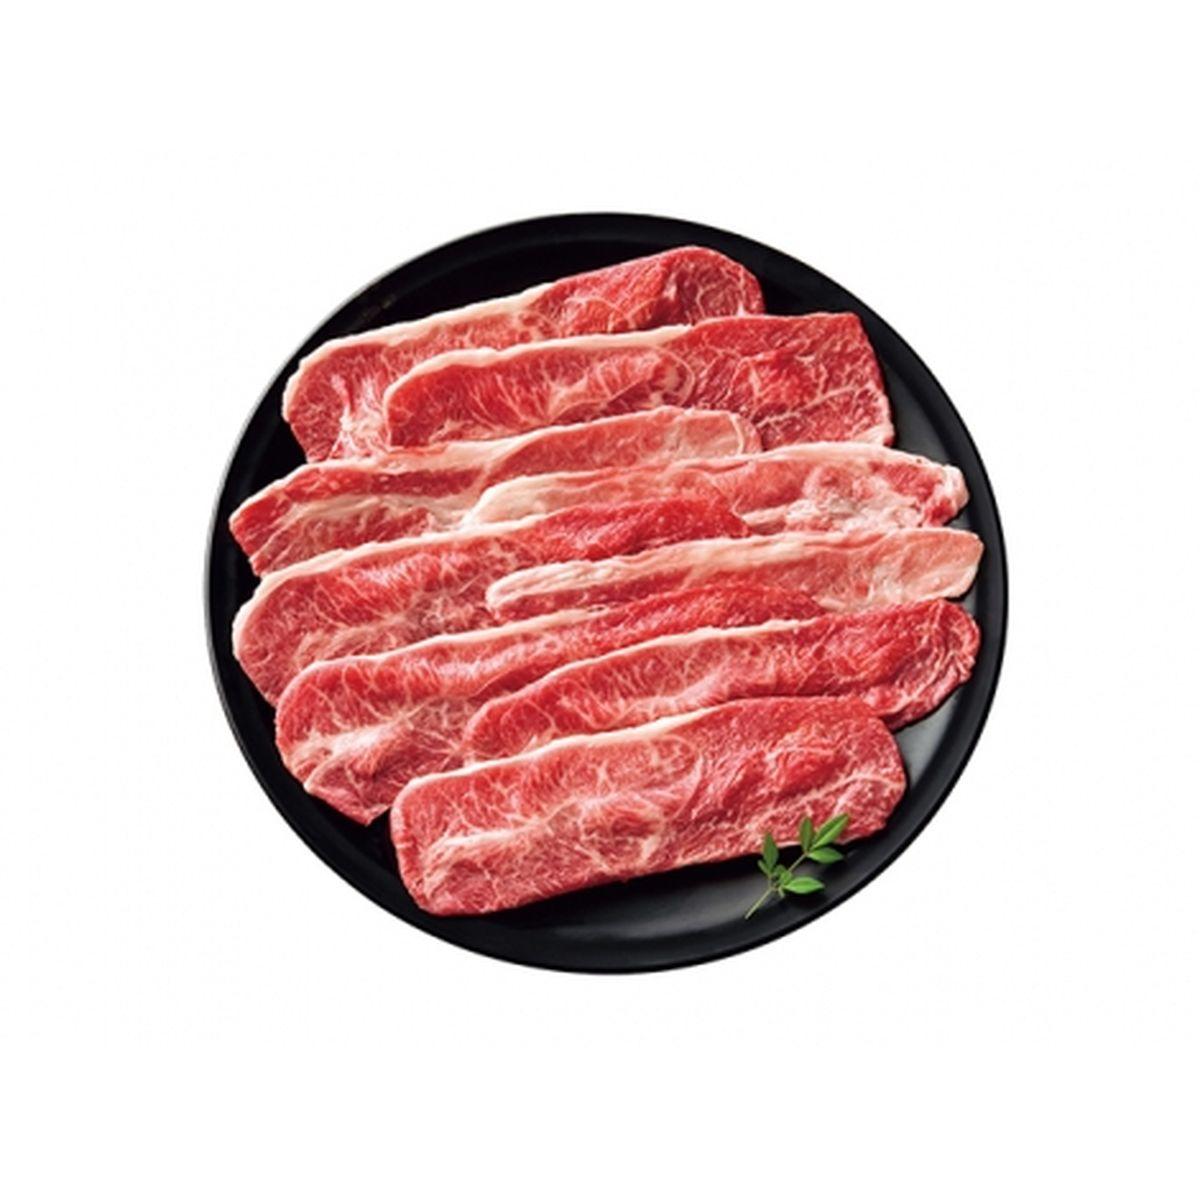 【送料無料】三谷ミート 高知土佐あかうし すき焼き用 肩肉・バラ肉400g